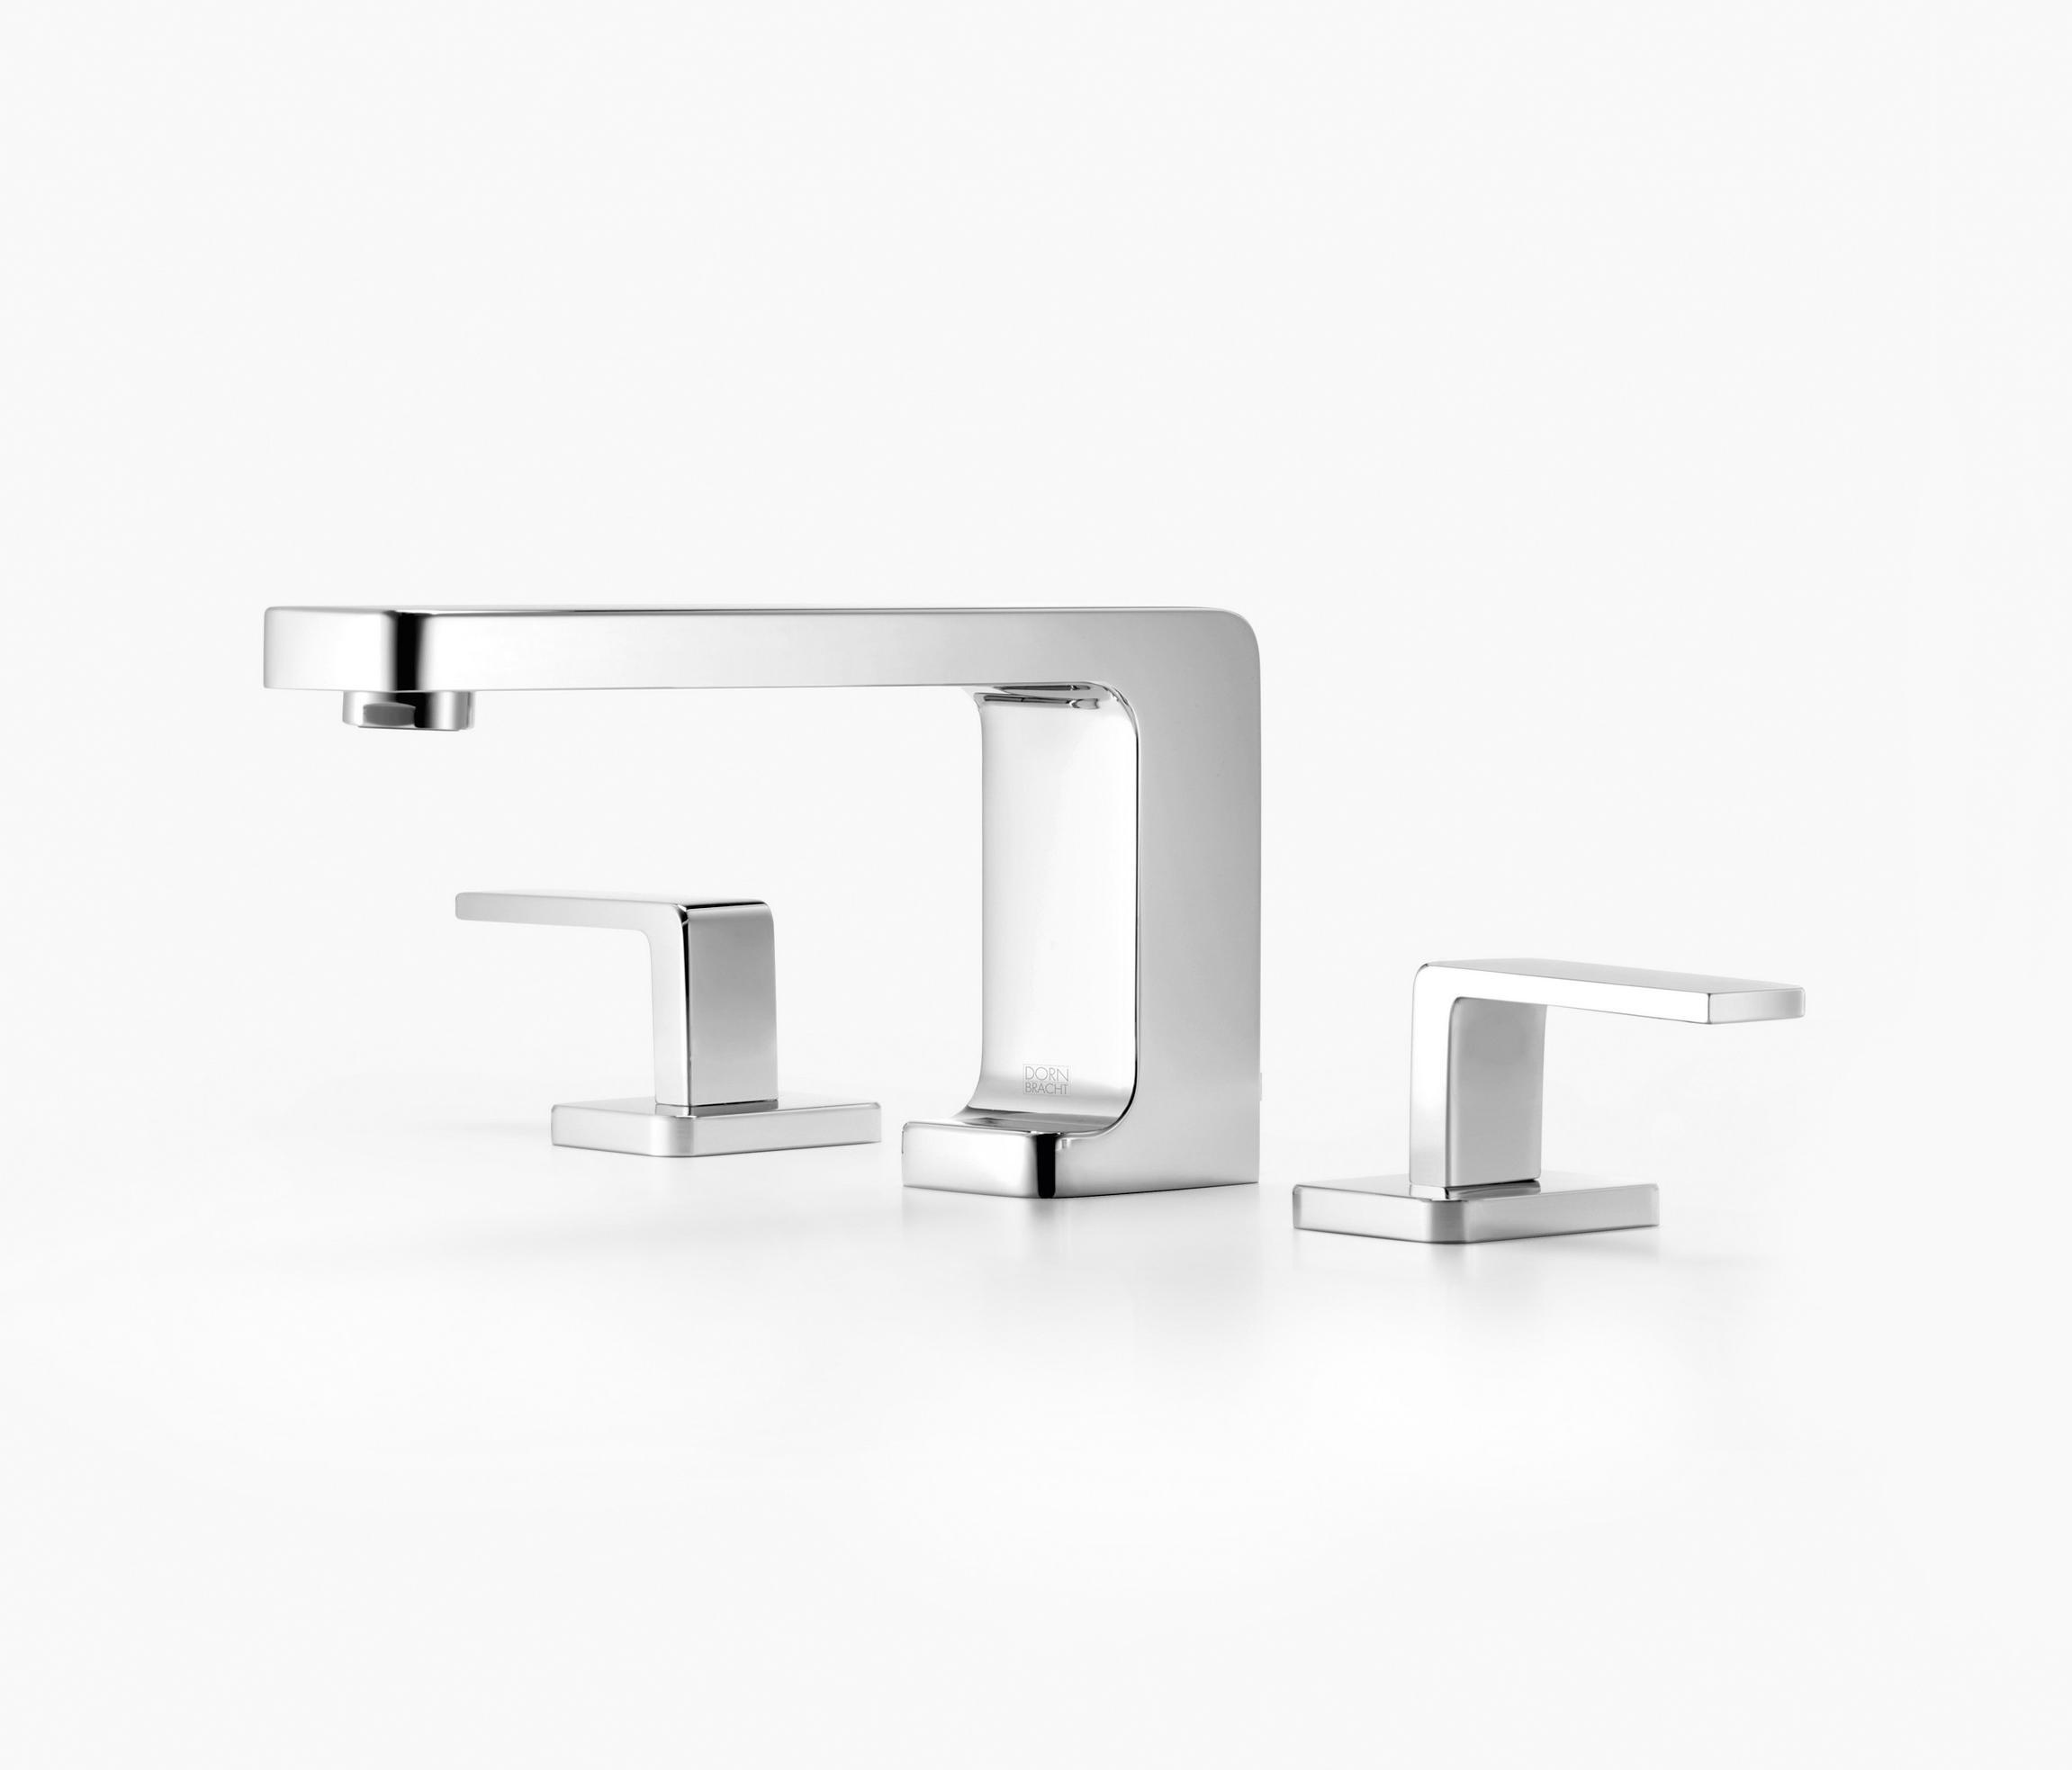 lulu m langeur de lavabo 3 trous robinetterie pour lavabo de dornbracht architonic. Black Bedroom Furniture Sets. Home Design Ideas